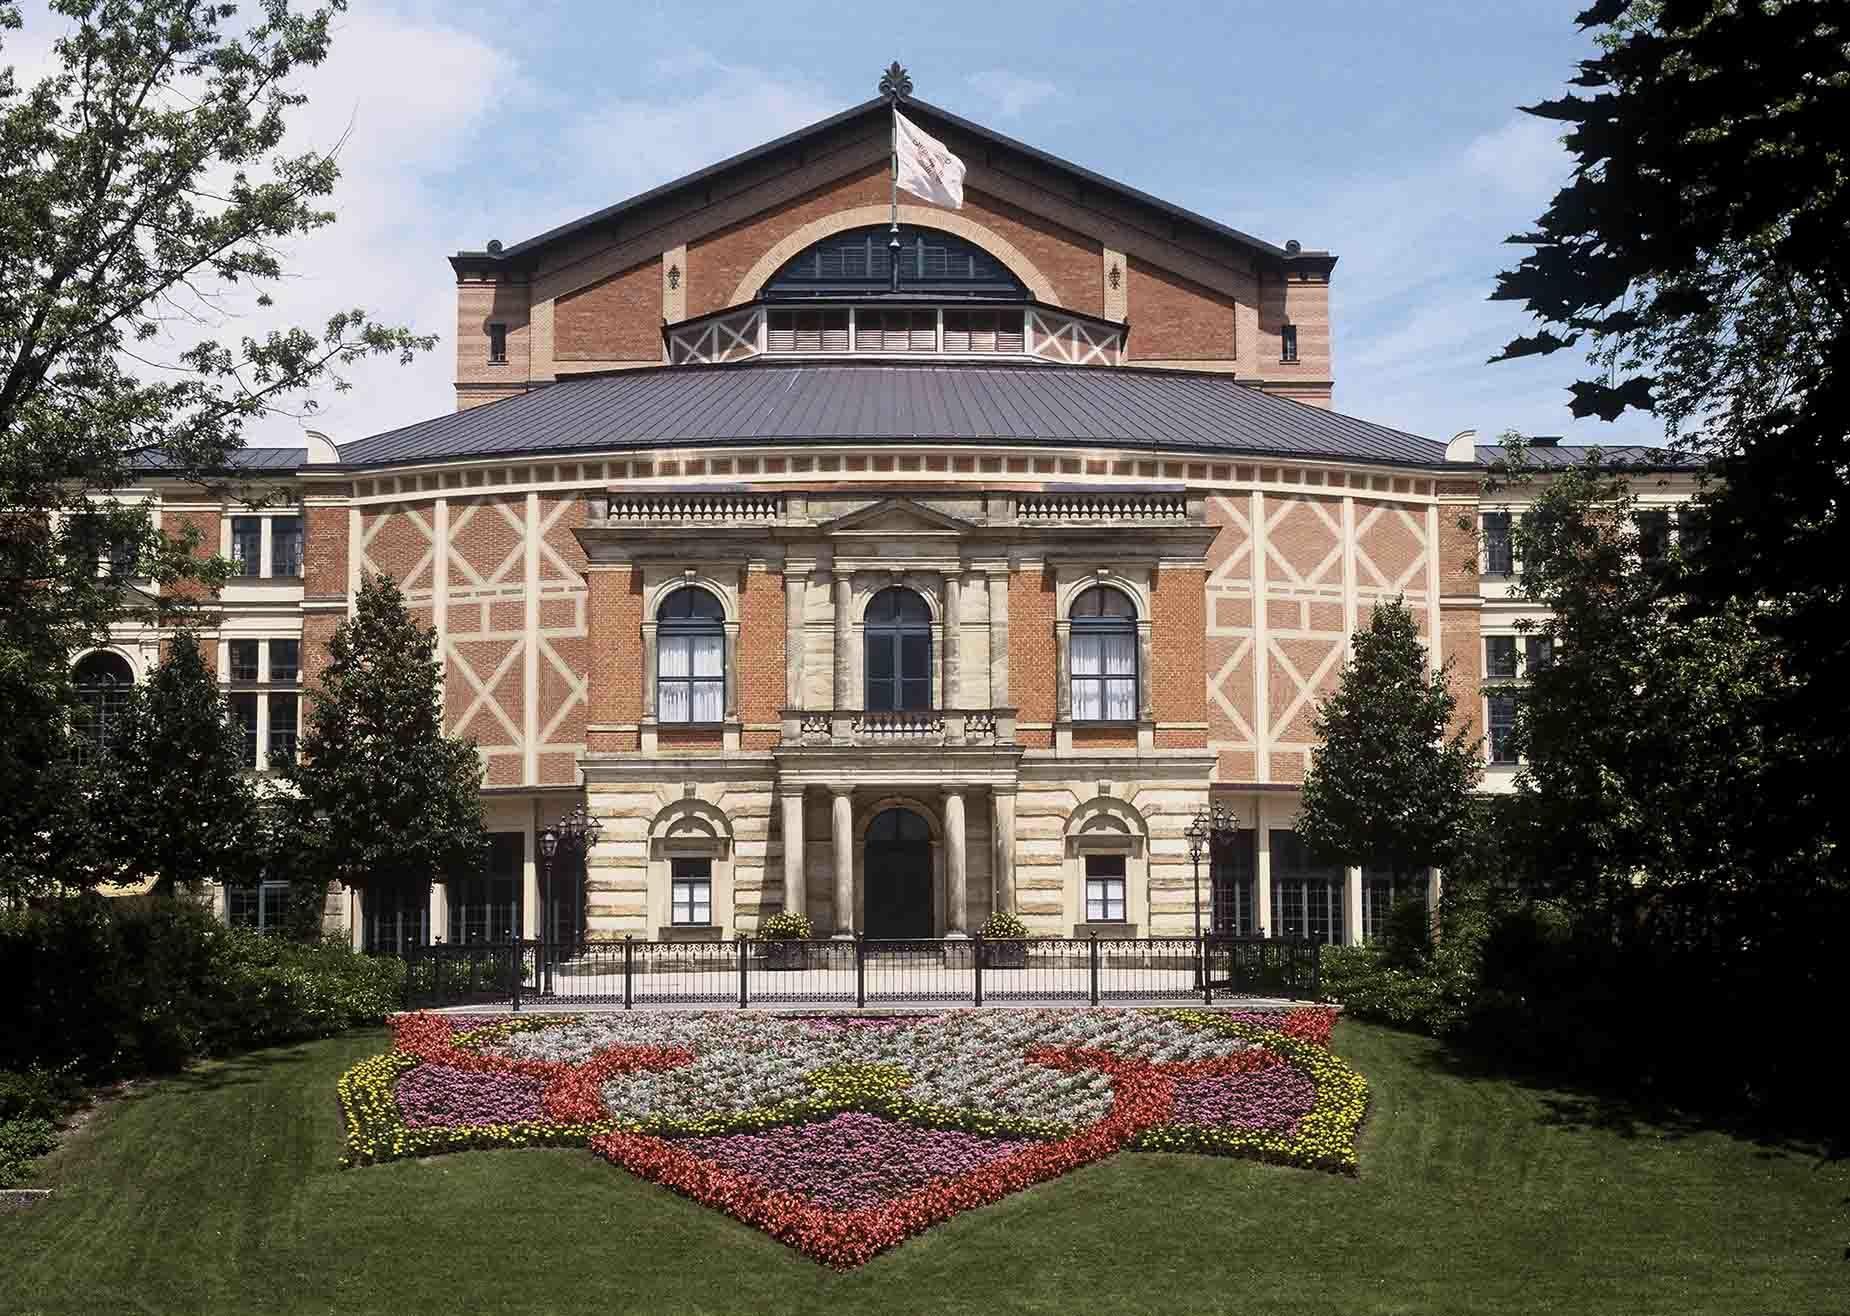 8. Фестивальный театр расположенный в Баварии в городе Байрот. В театре в основном ставят оперы Рихарда Вагнера.